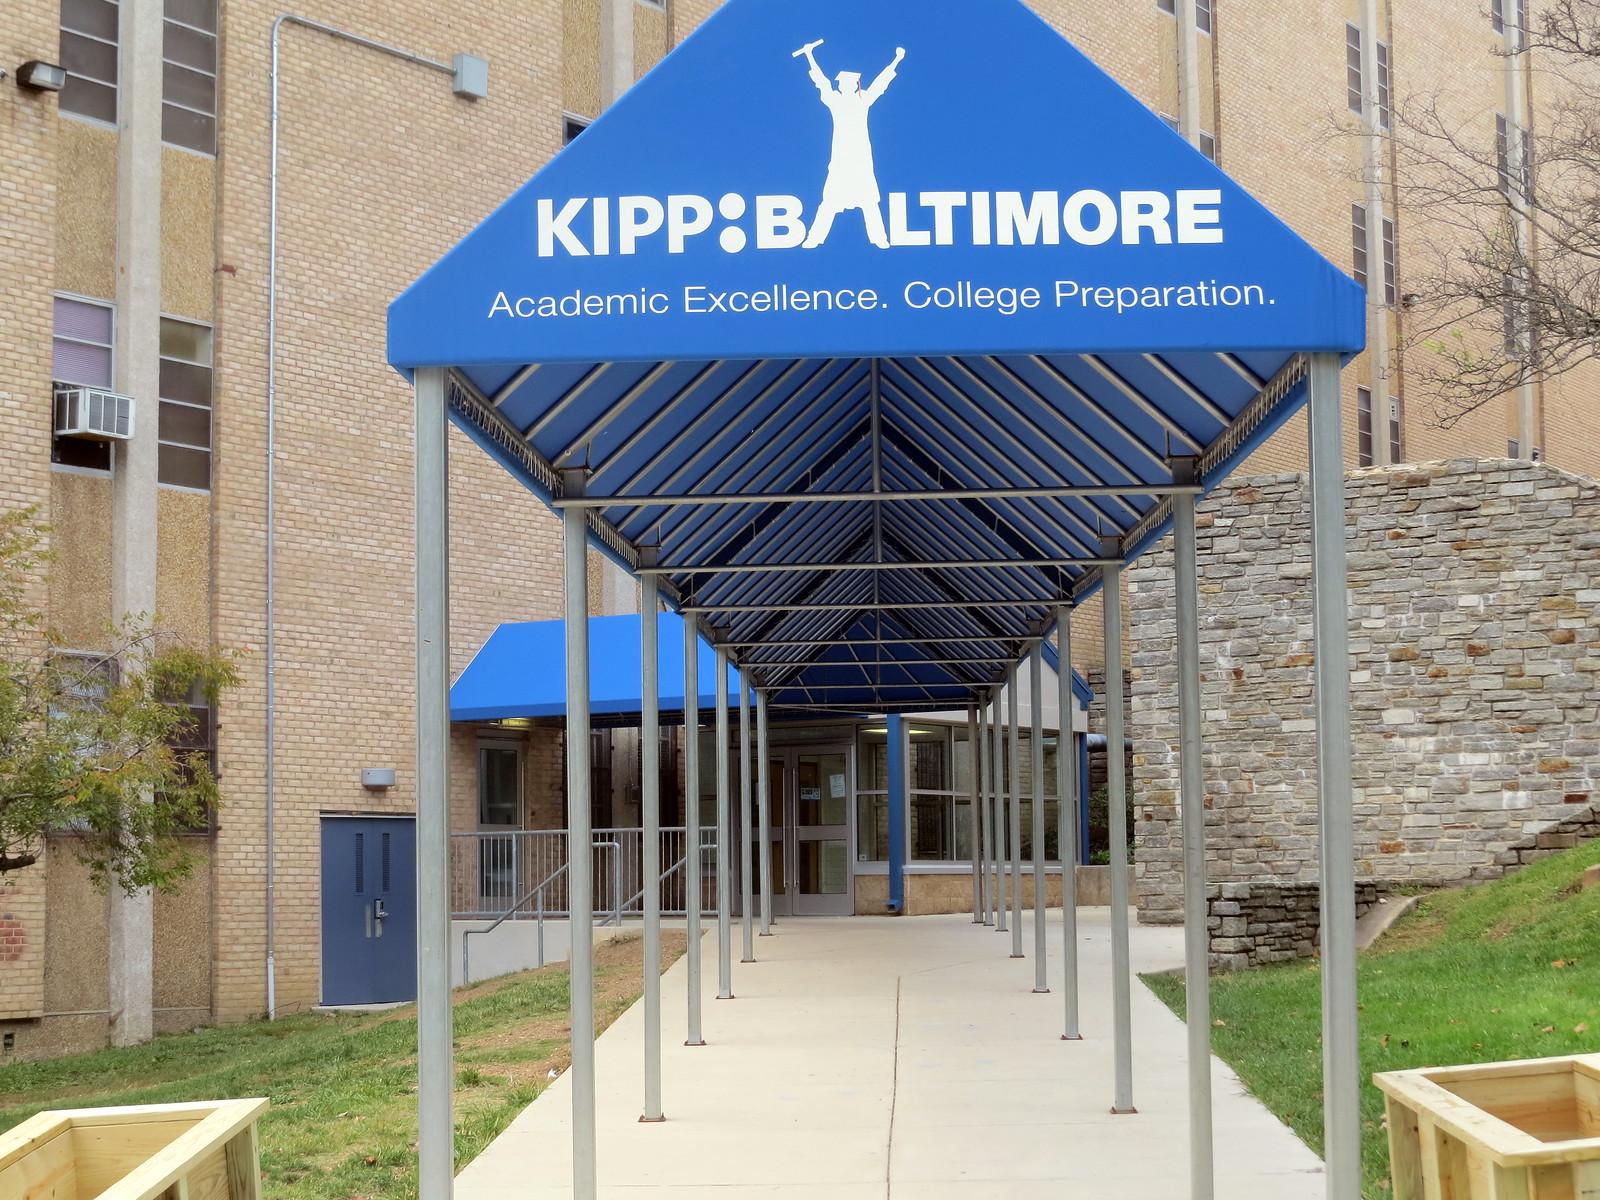 Entrance-Awning-Baltimore Kipp Baltimore